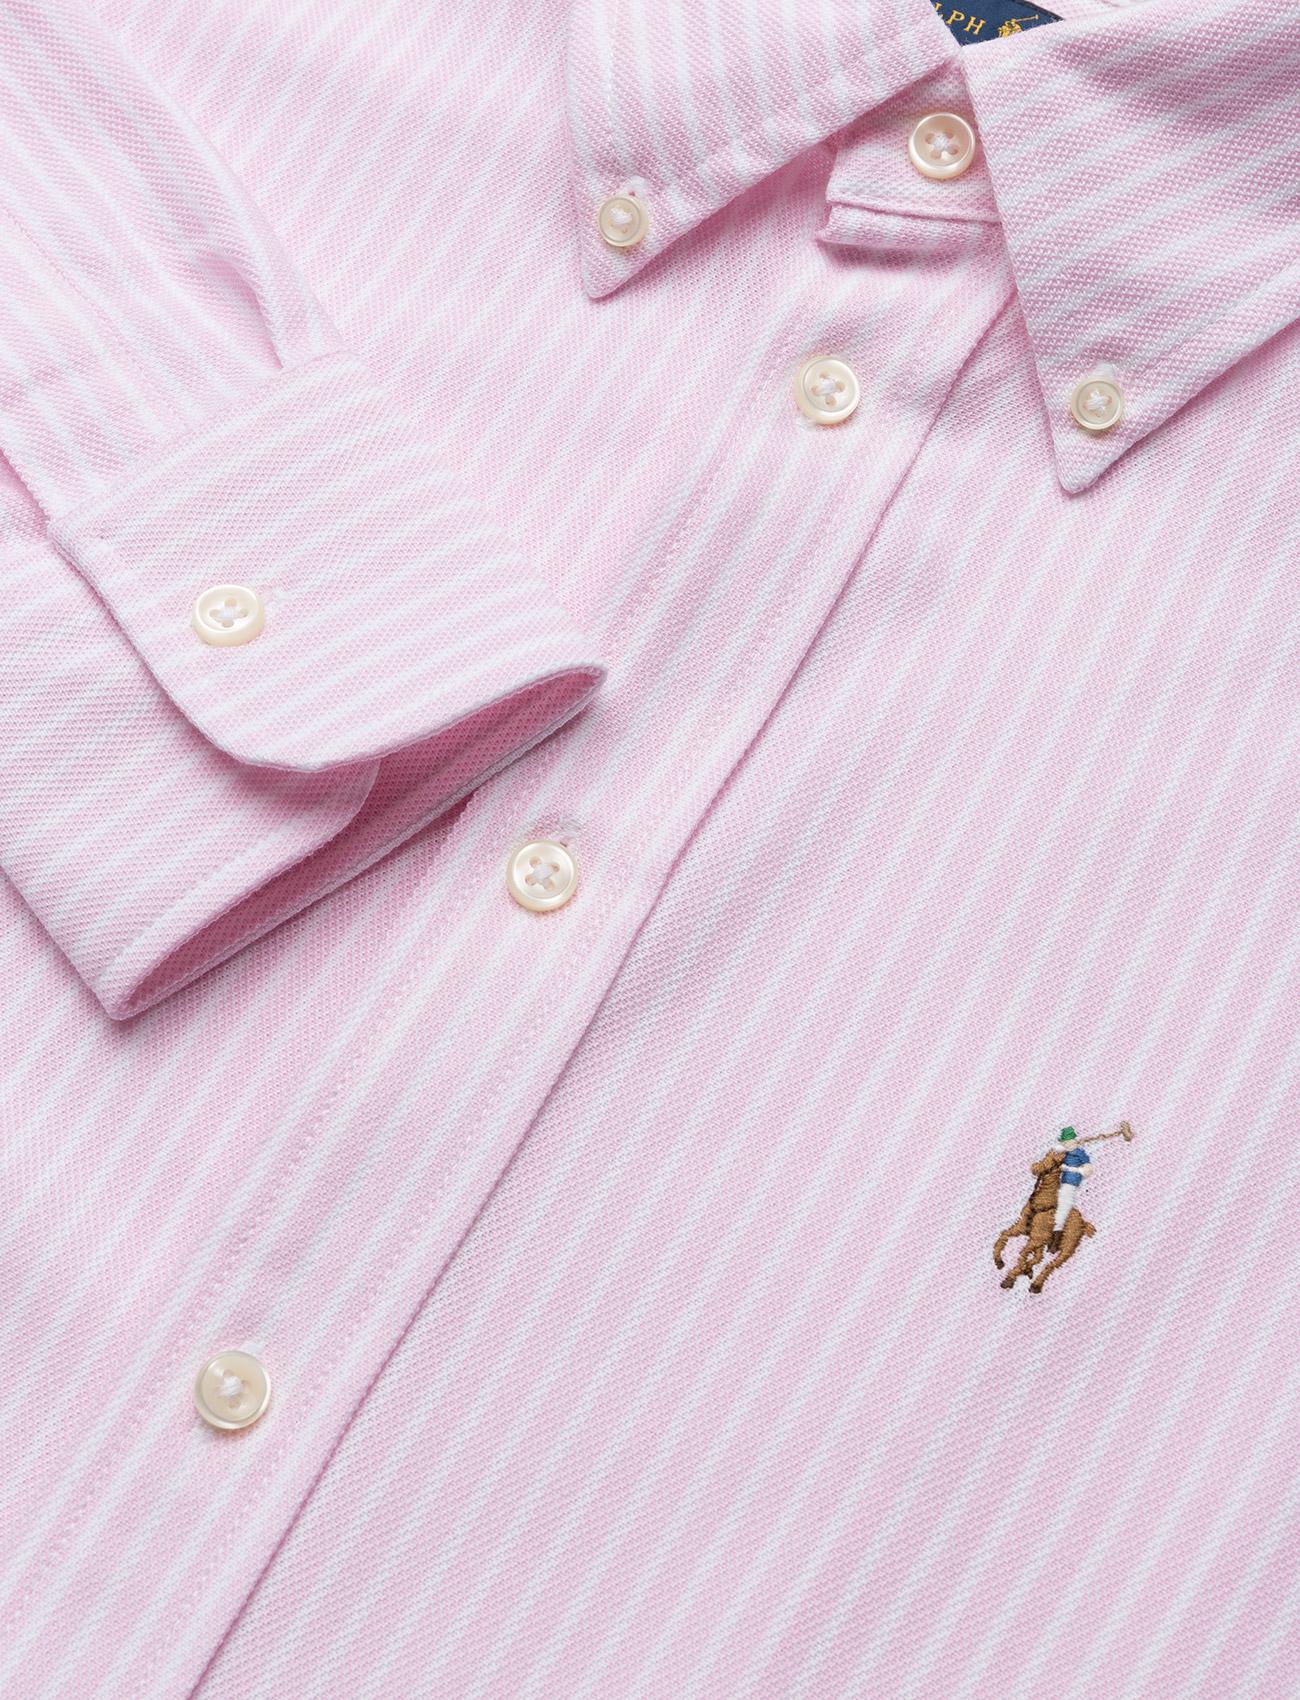 Striped Knit Oxford Shirt (Carmel Pink/white) (1099 kr) - Polo Ralph Lauren